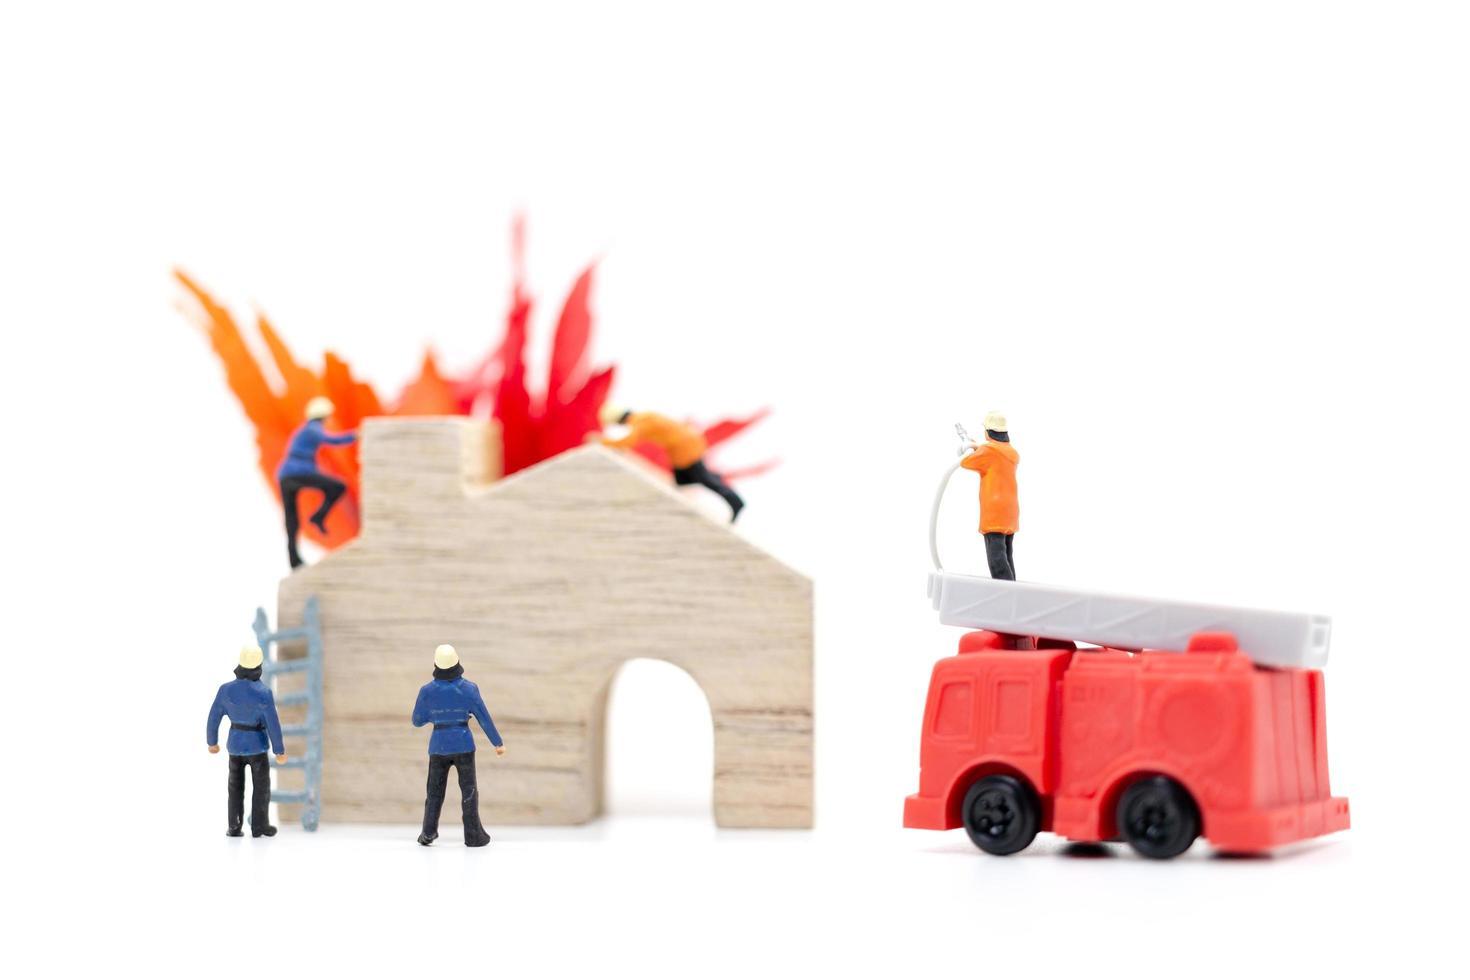 Miniatur-Feuerwehrleute, die sich um einen Brand in einem Holzhaus kümmern foto